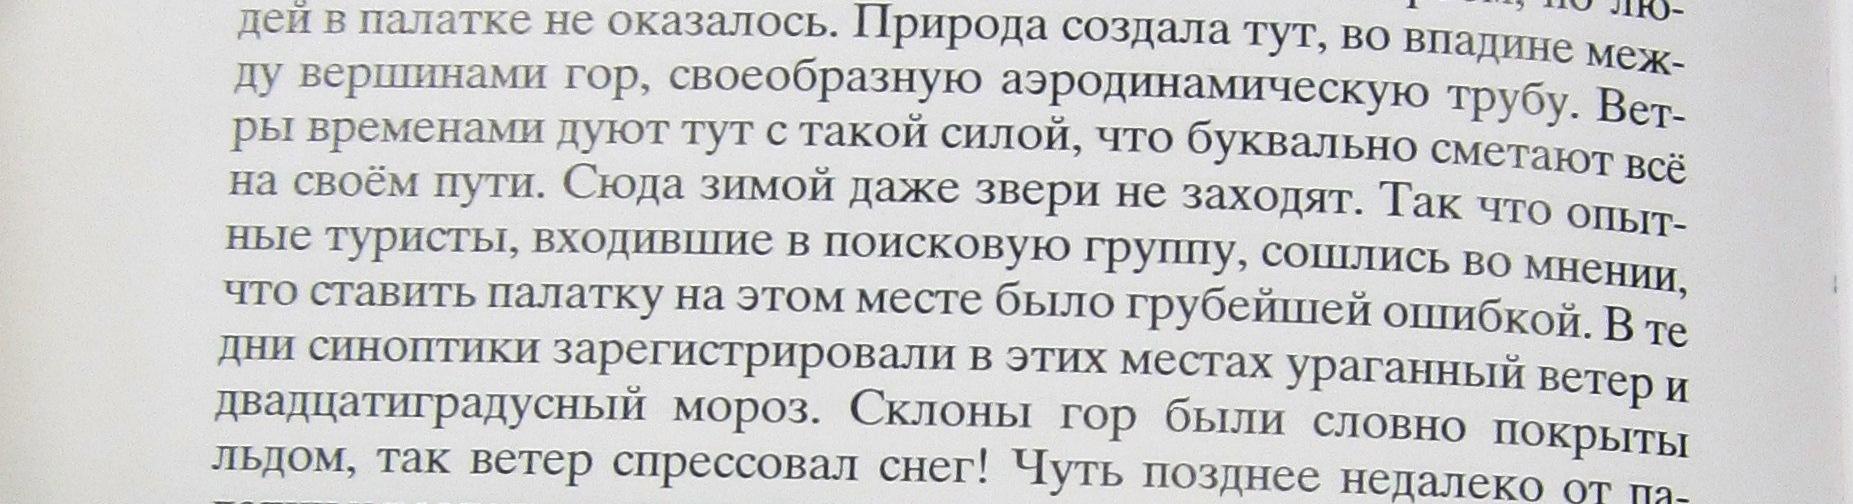 http://sa.uploads.ru/ApDti.jpg